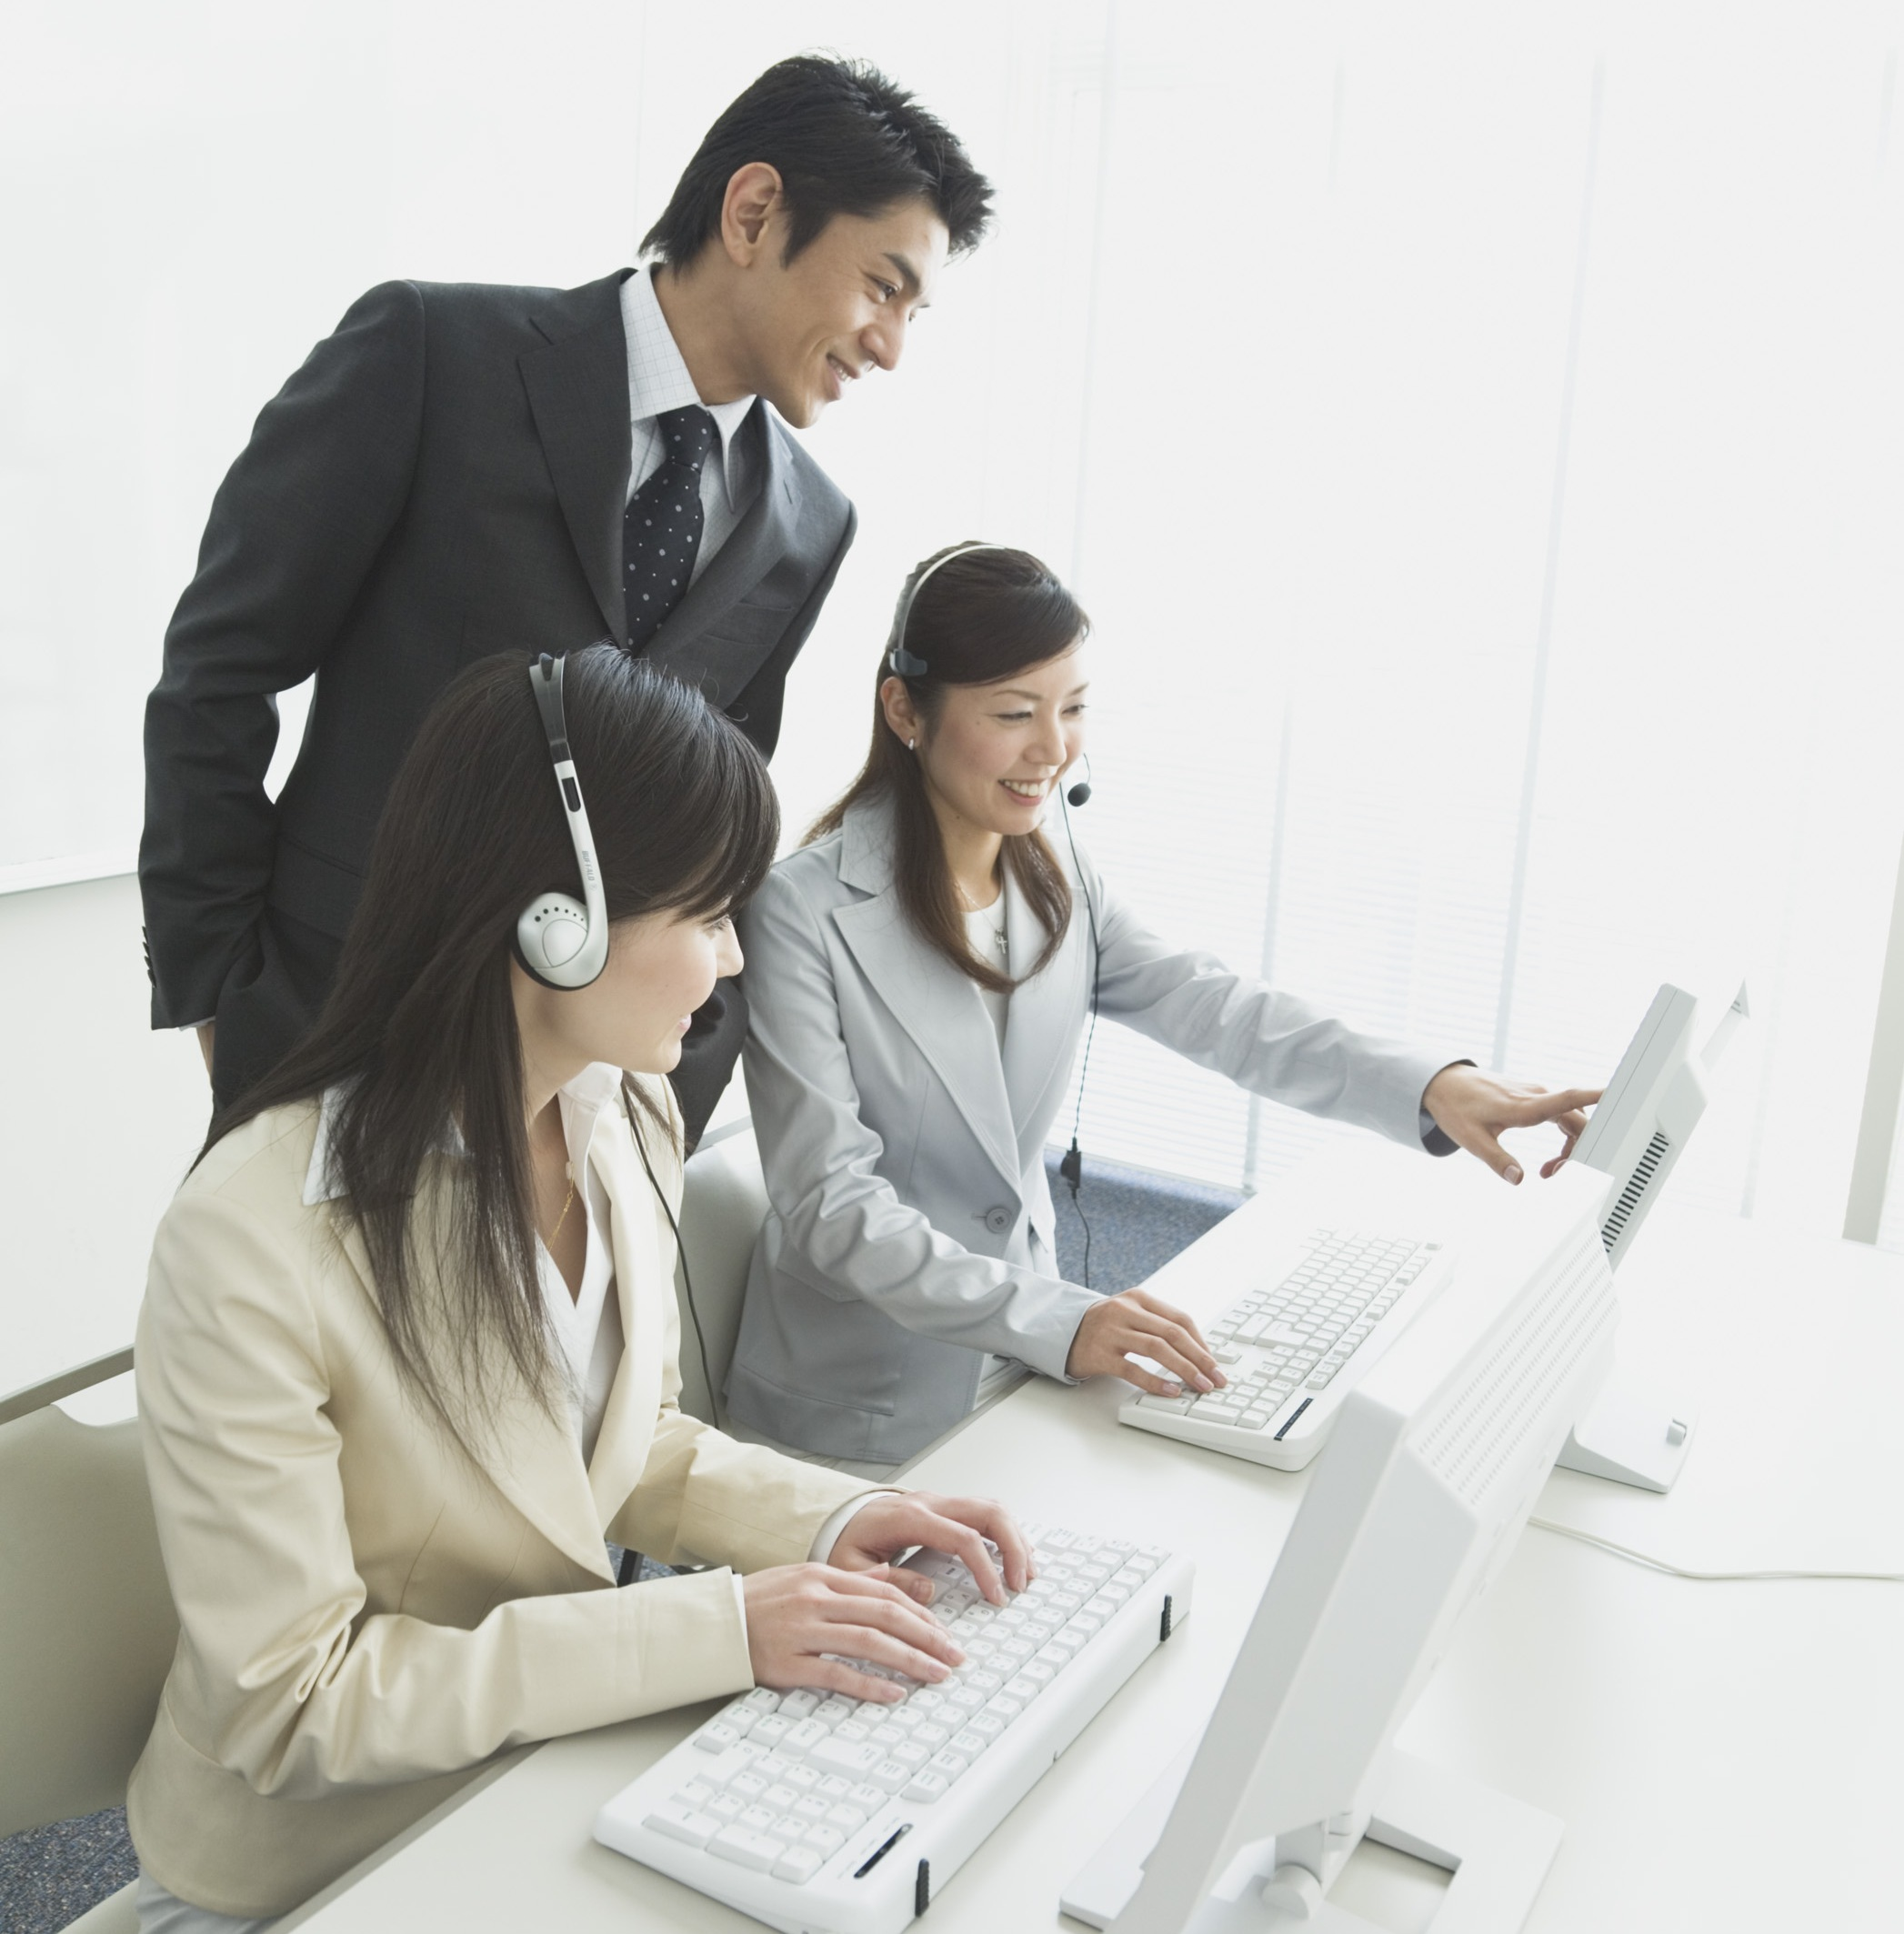 生産性を高める人材マネジメント術 ~シンプルな3つのルール~